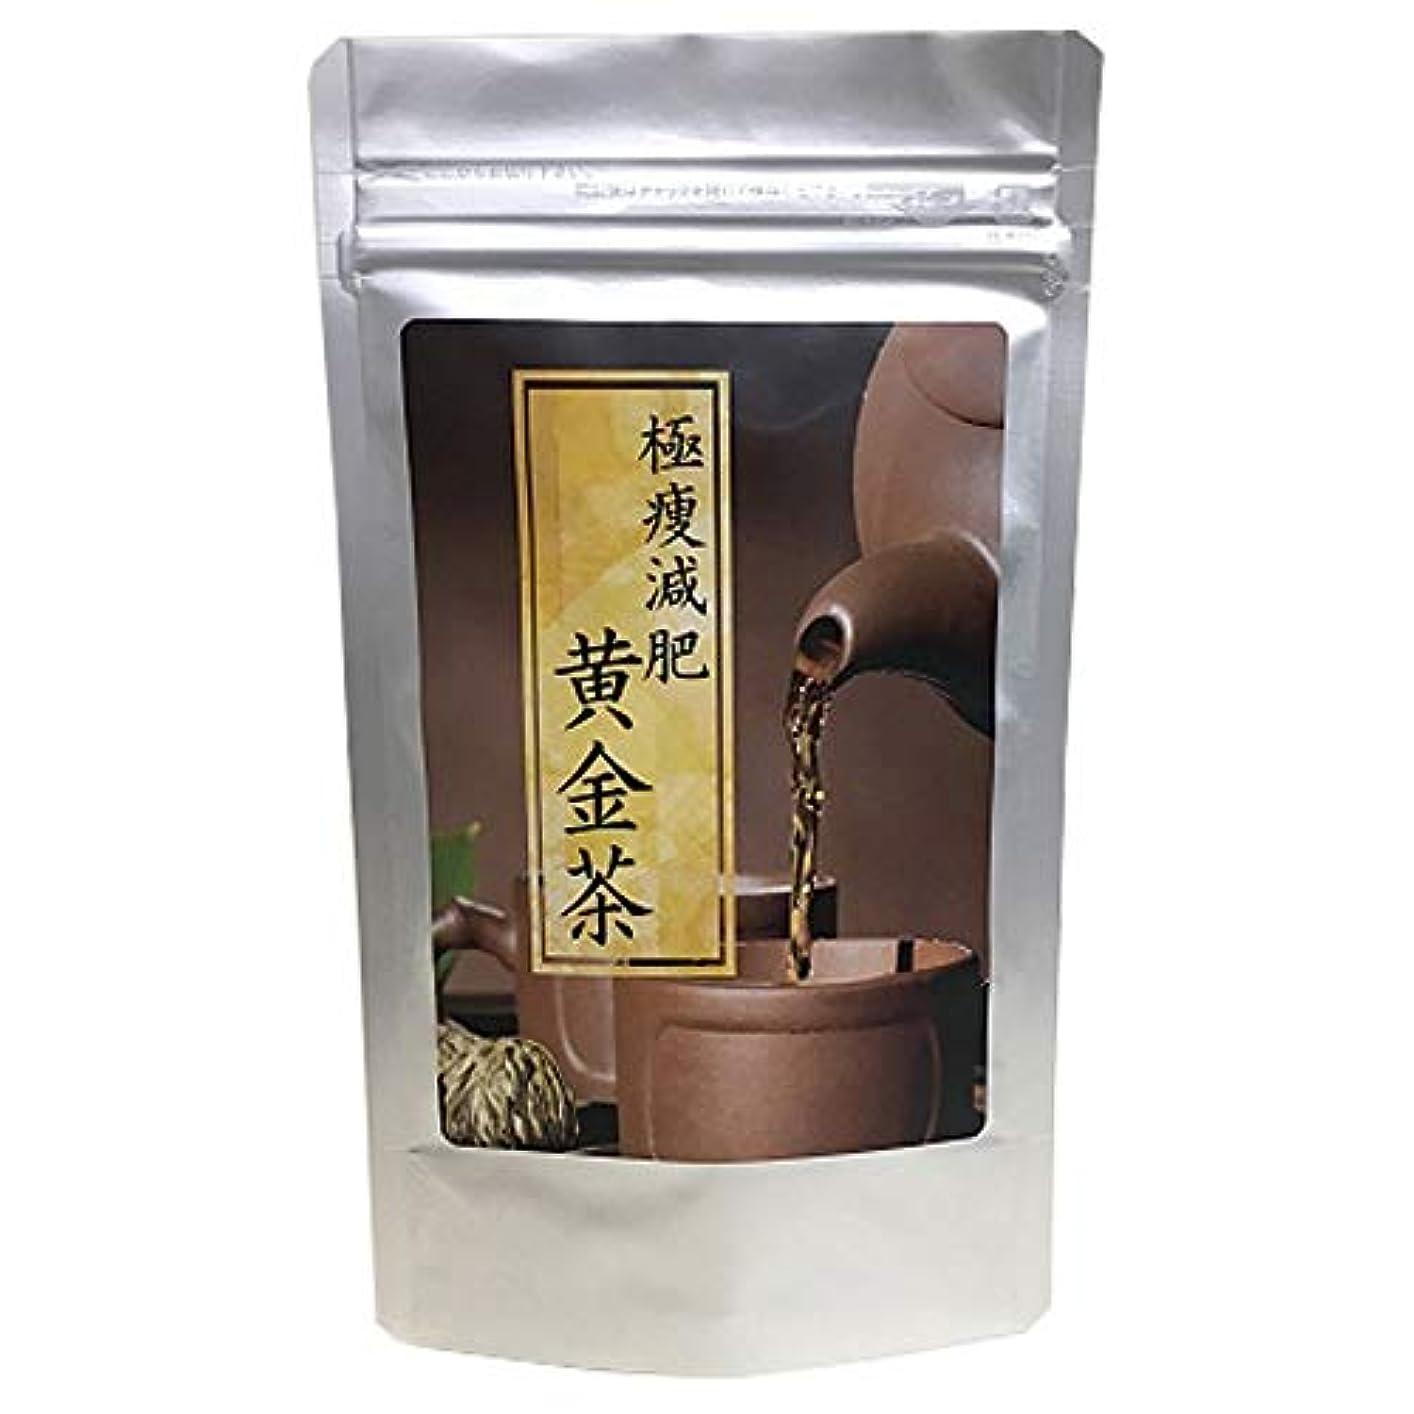 検索パスポート新着極痩減肥黄金茶